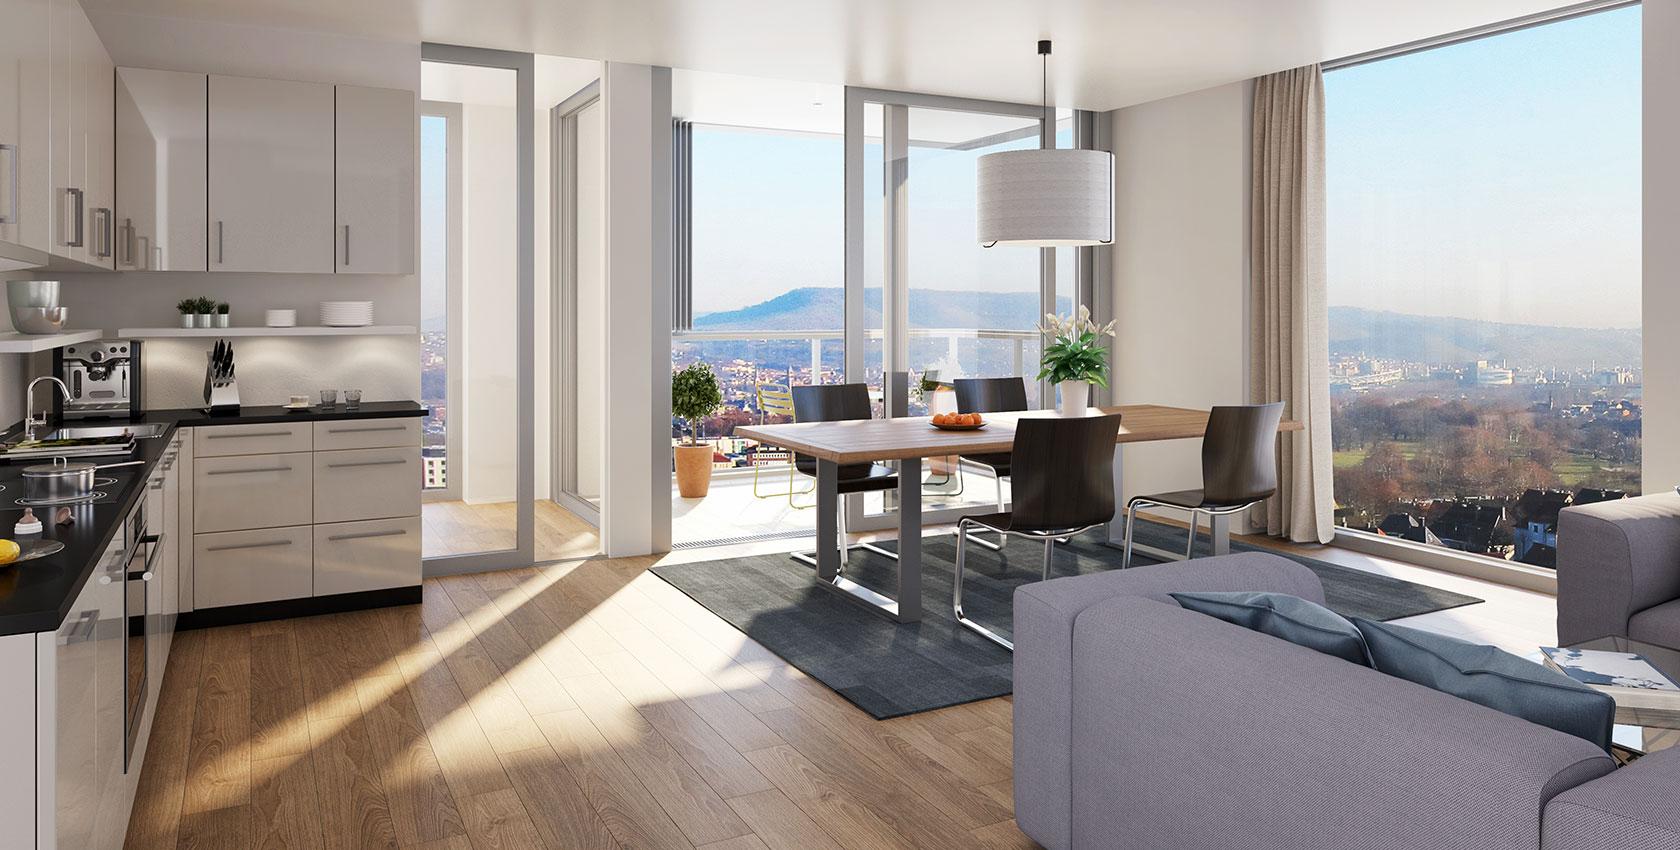 die besten ideen f r stuttgart wohnung beste wohnkultur. Black Bedroom Furniture Sets. Home Design Ideas